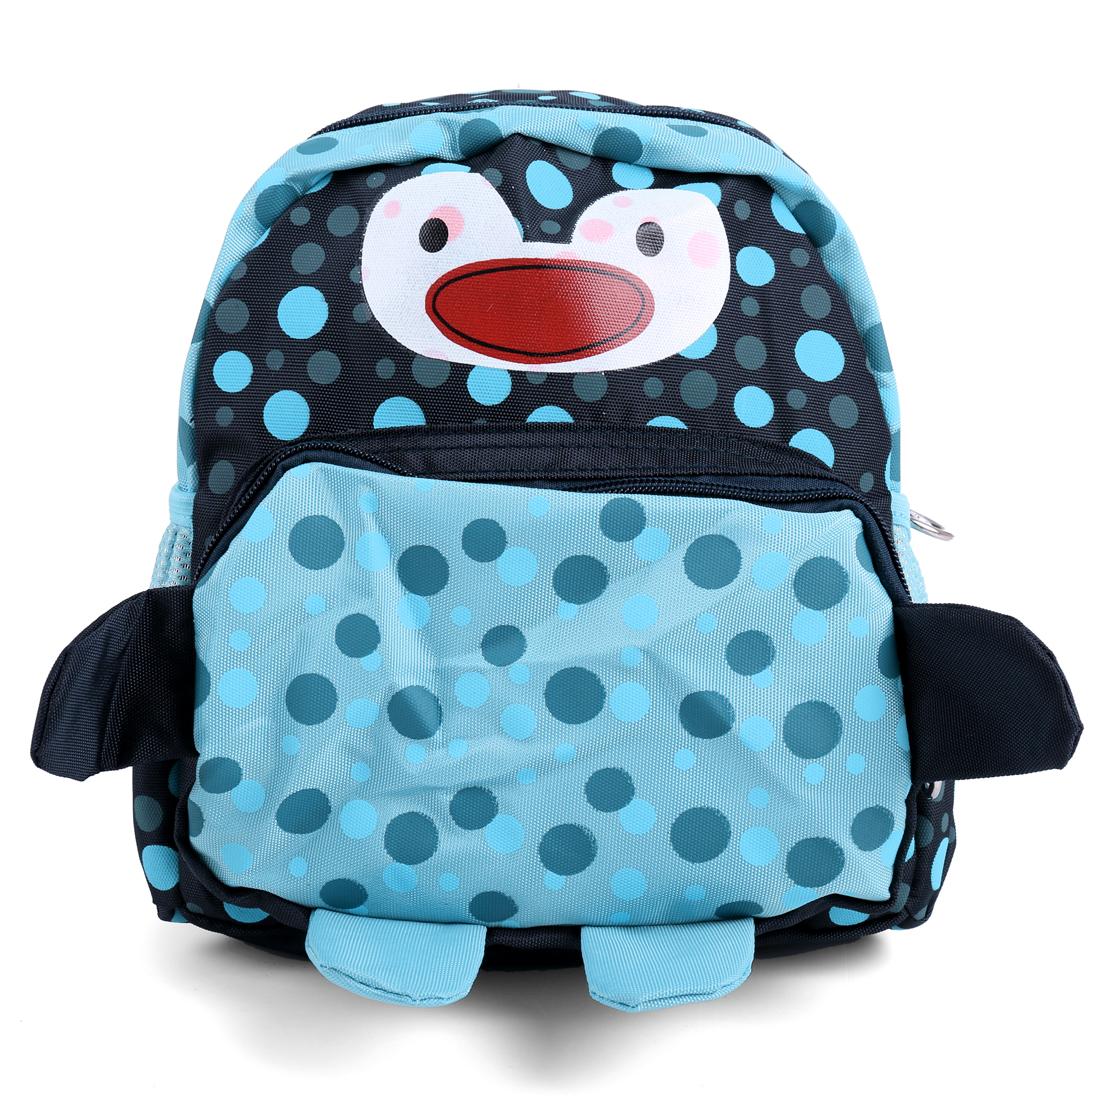 Kids Buckle Straps Bottle Pockets Backpacks Black Light Blue